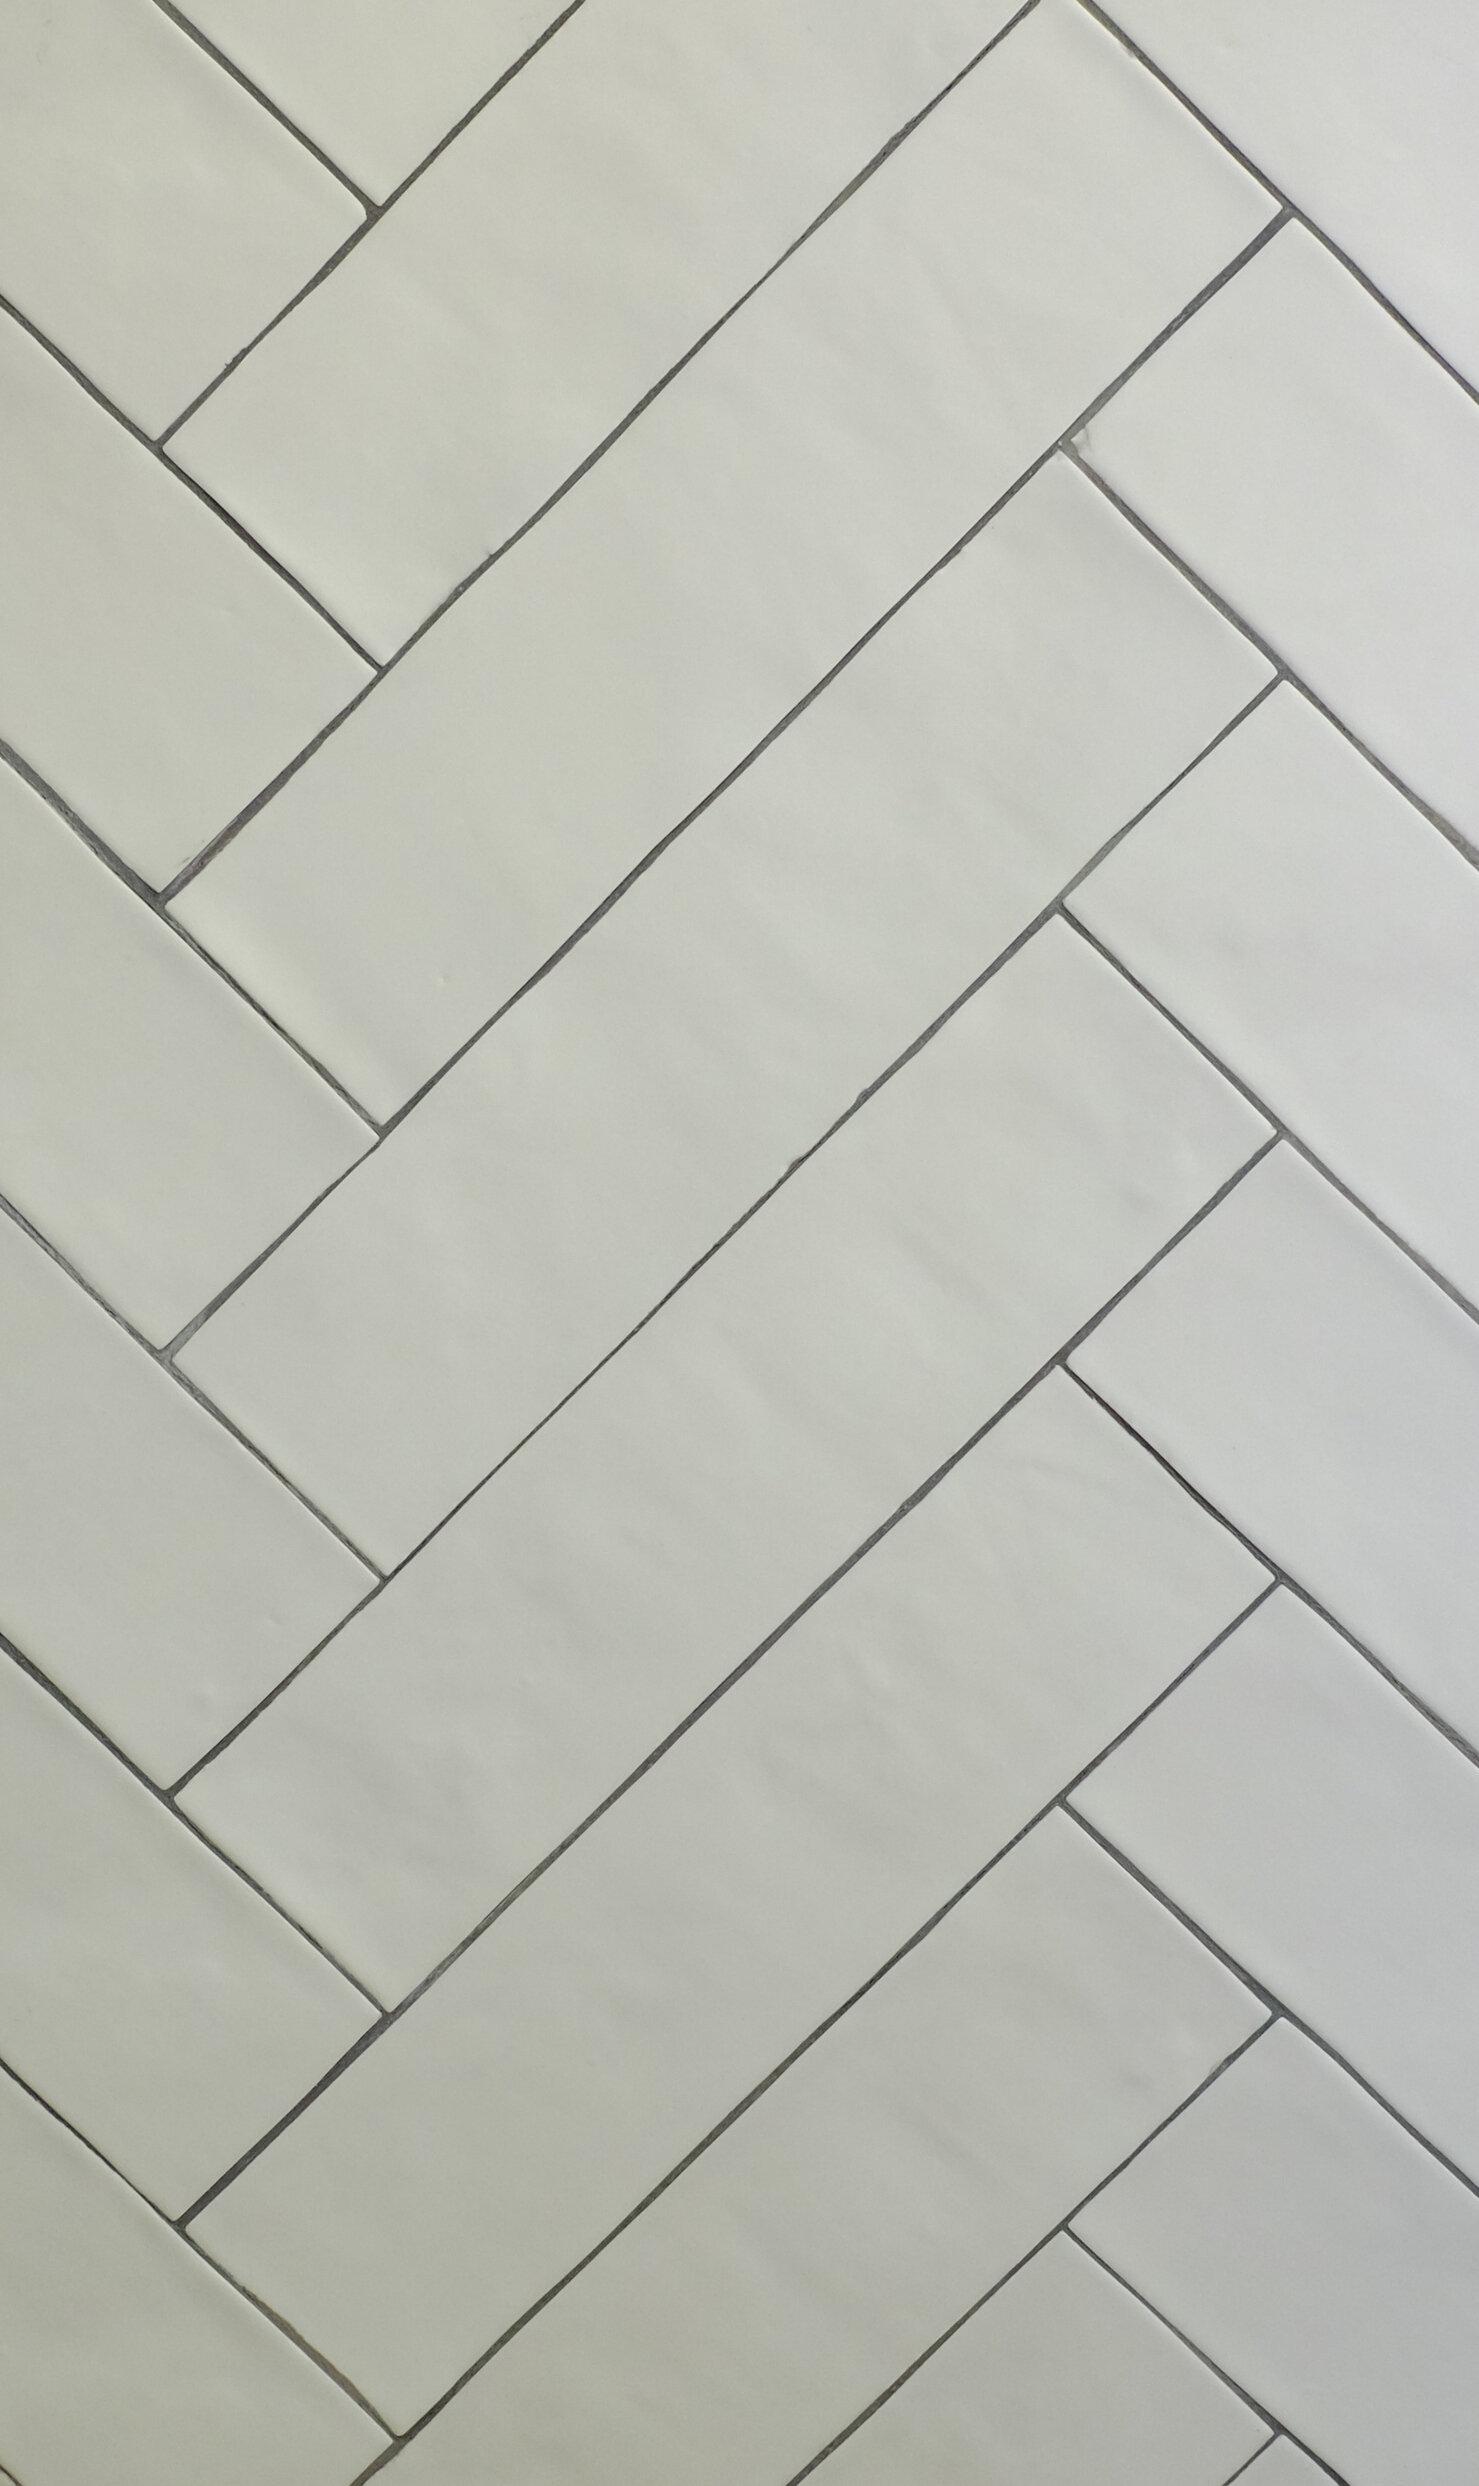 ceramics d mundo tile